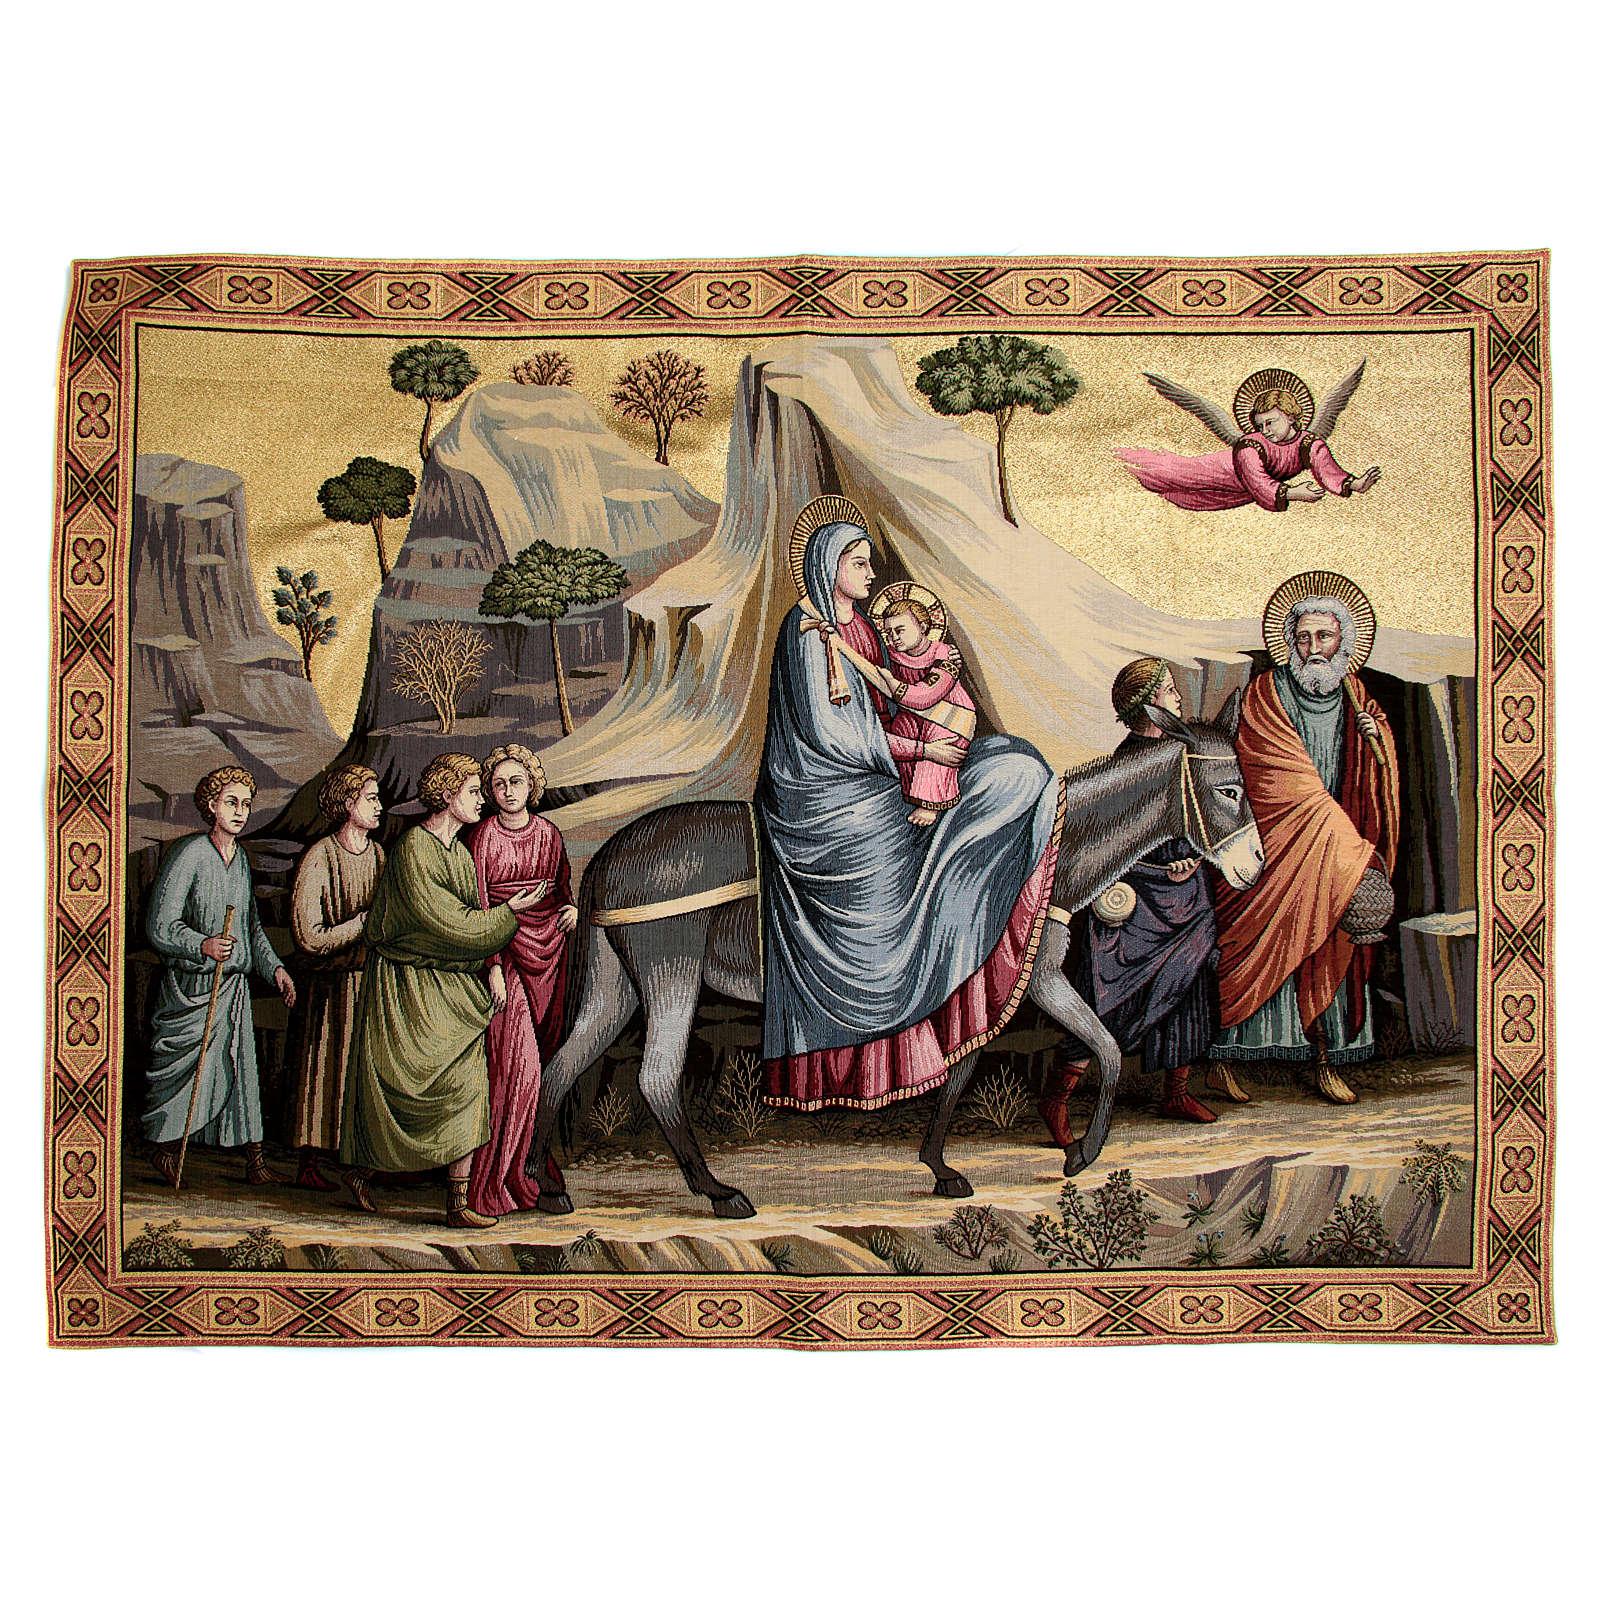 Arazzo ispirato alla Fuga in Egitto di Giotto 90x130 cm 3